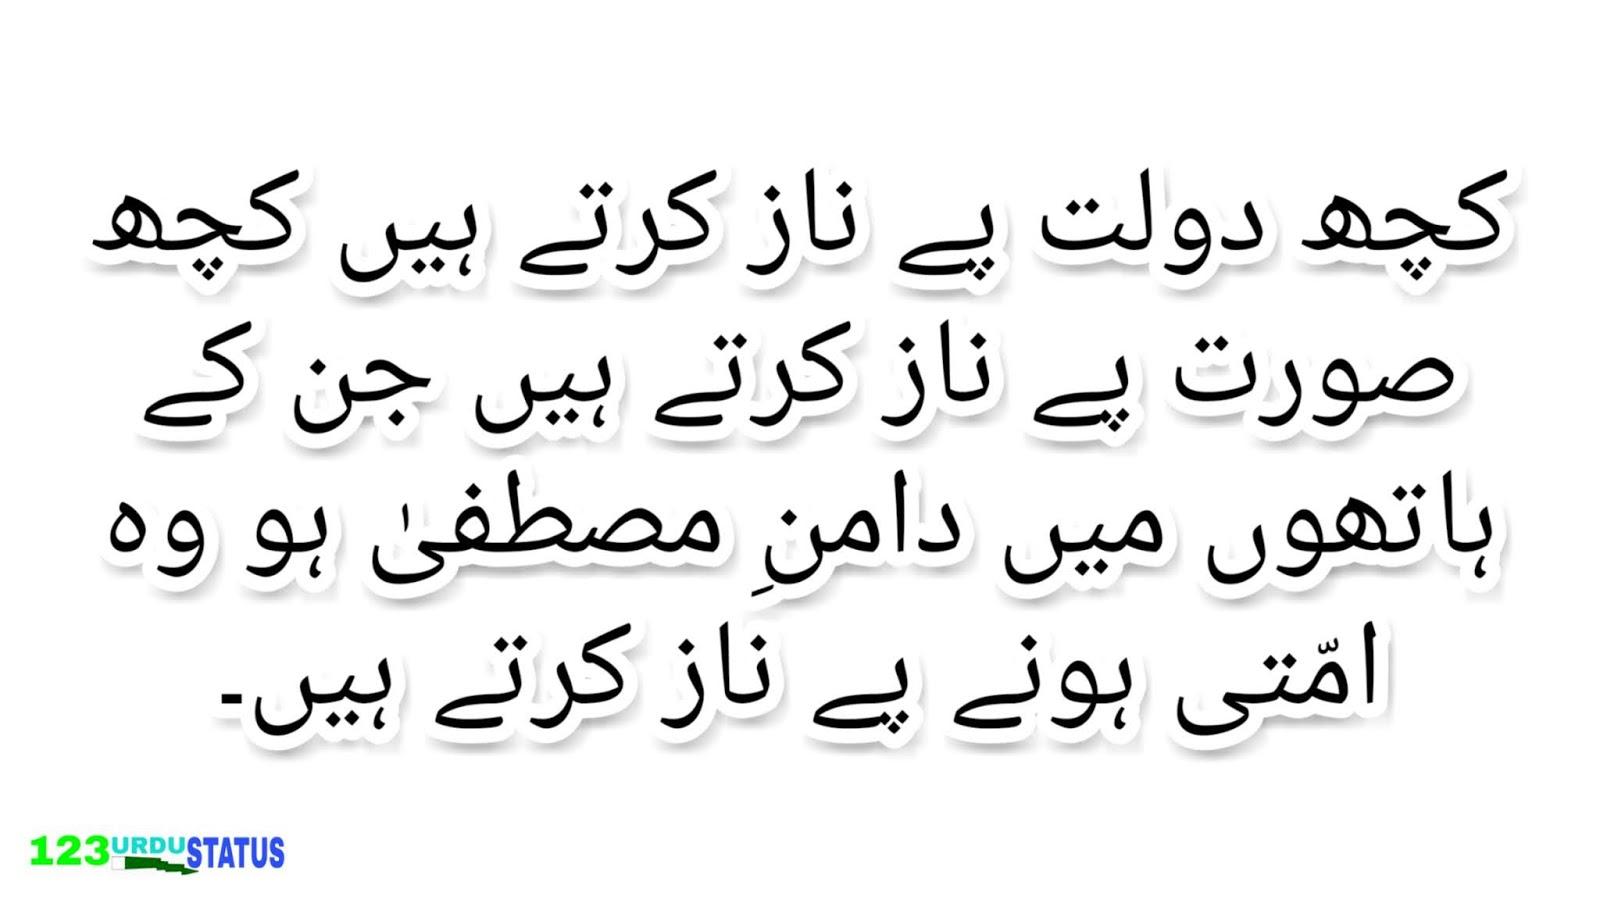 20+ [Best] Islamic WhatsApp Status In Urdu